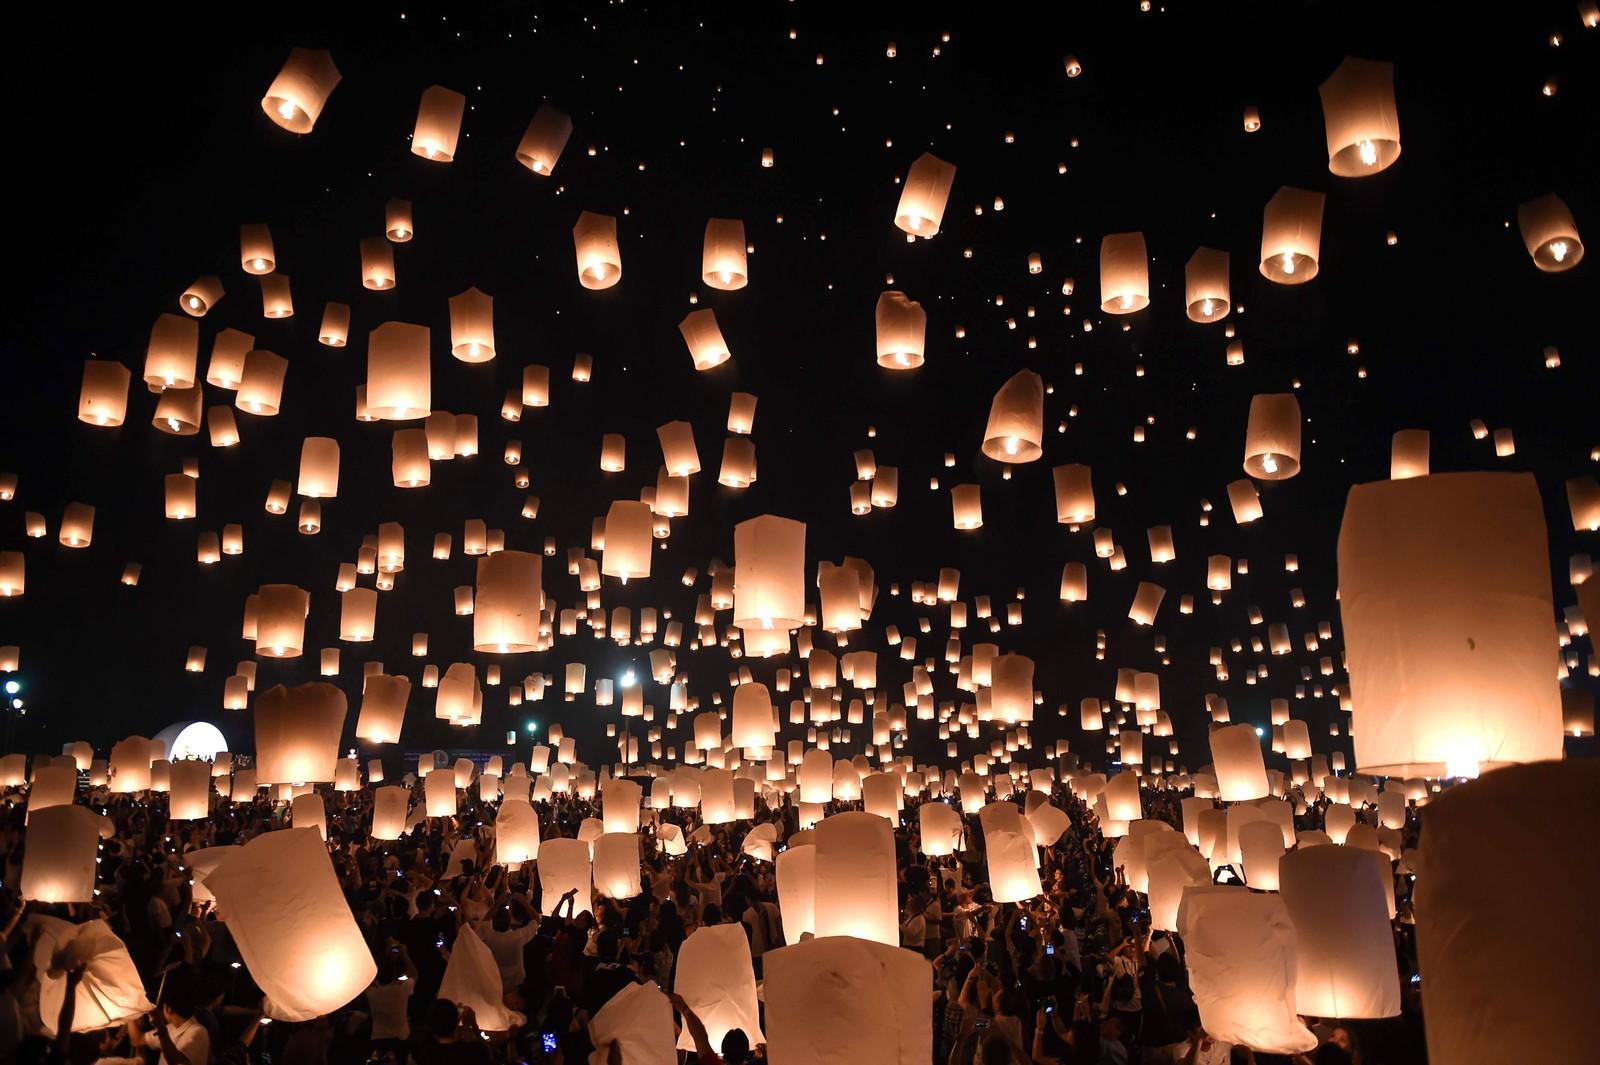 Tusenvis av såkalte kinesiske lykter ble sendt opp i den thailandske turistbyen Chiang Mal for å markere den årlige Yi Peng.